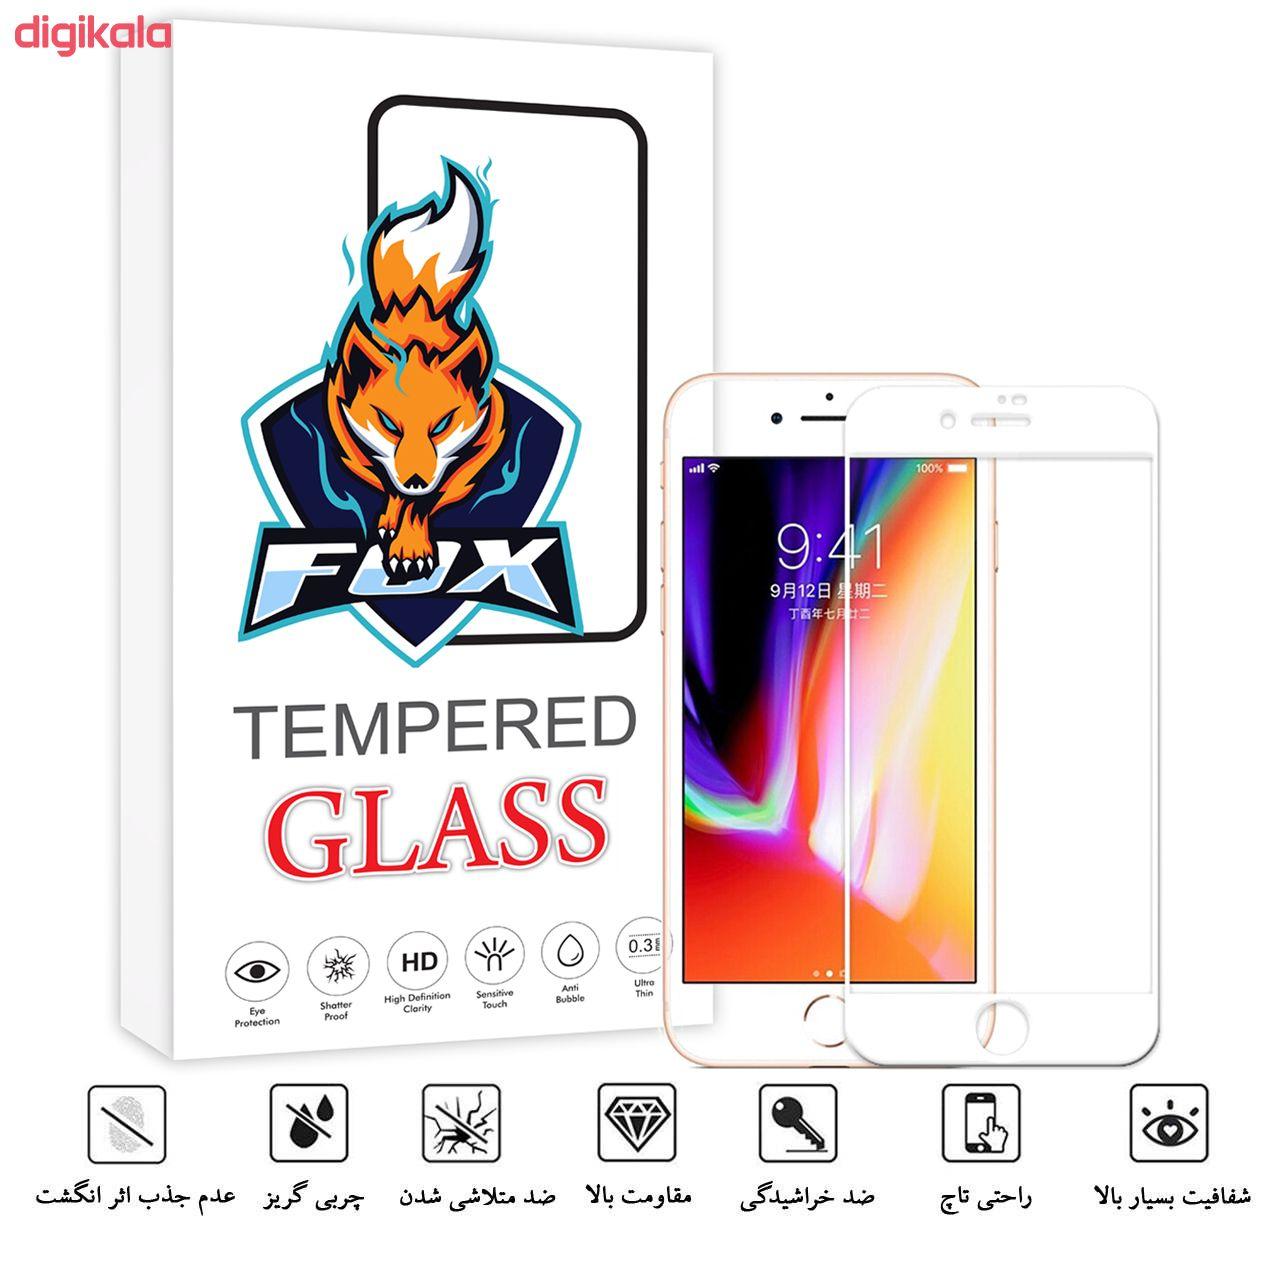 محافظ صفحه نمایش فوکس مدل PT001 مناسب برای گوشی موبایل اپل Iphone 7 Plus/8 Plus main 1 2